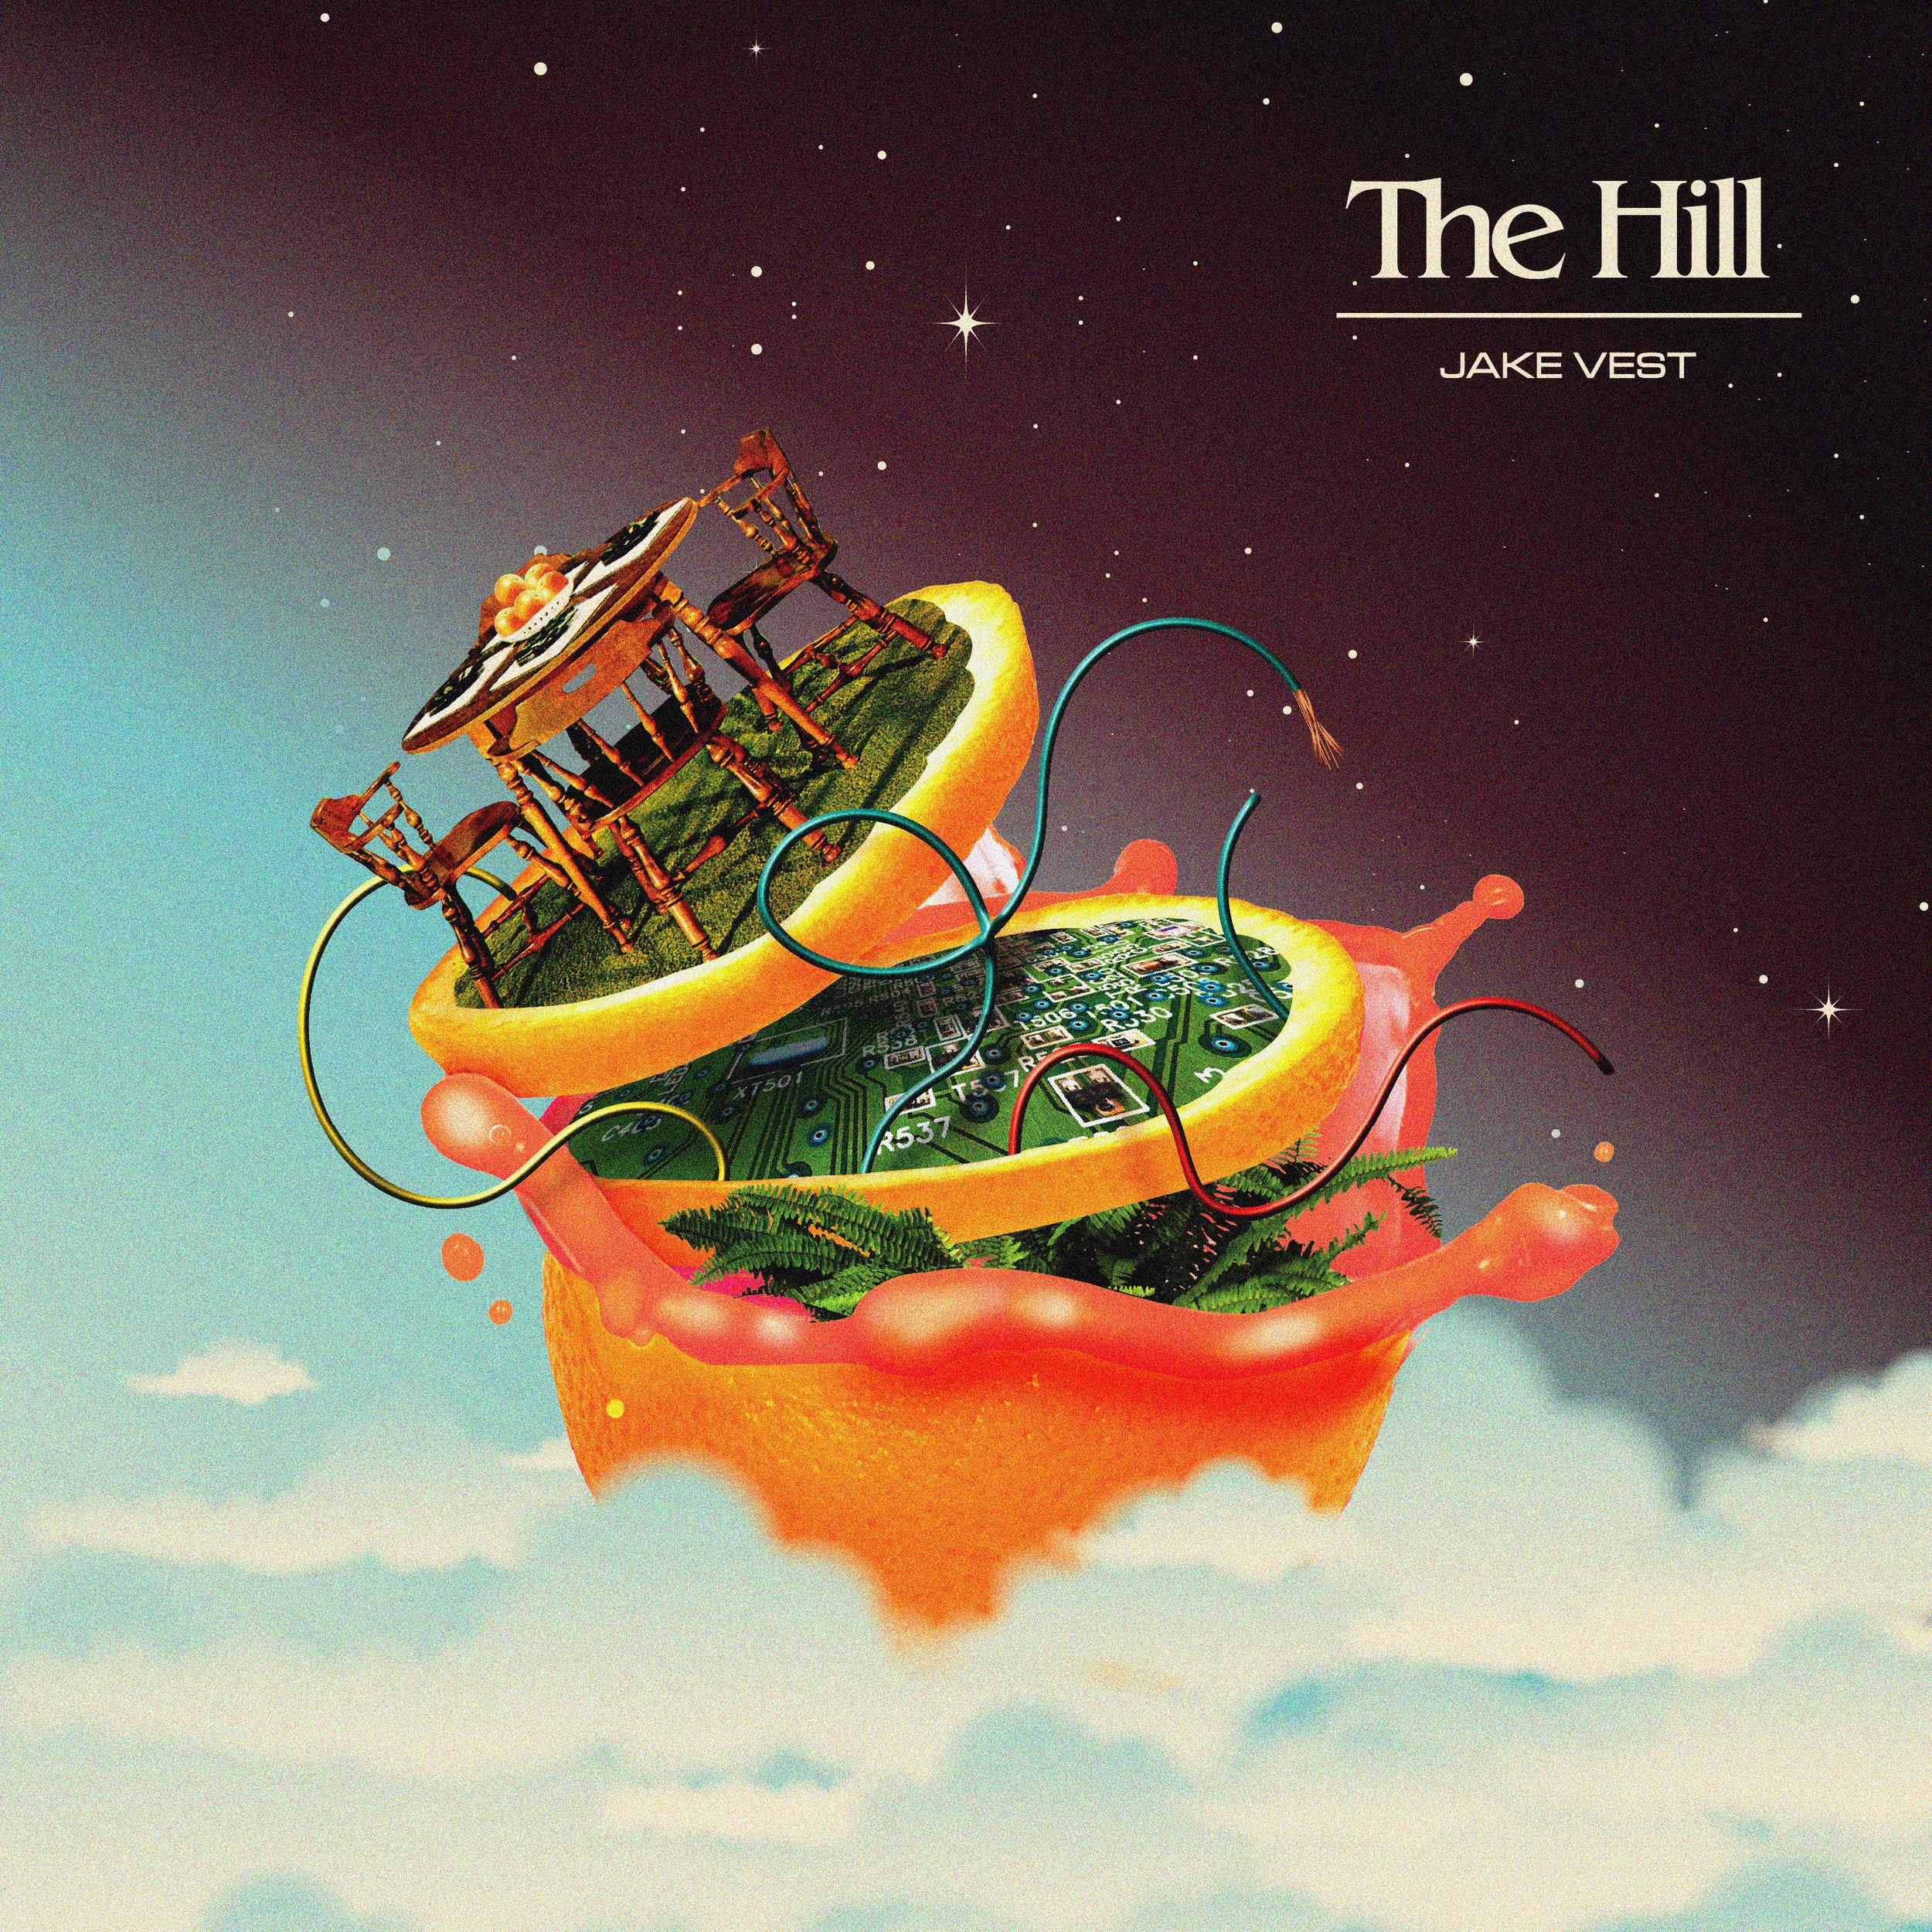 JV-TheHill-3K-051919.jpg